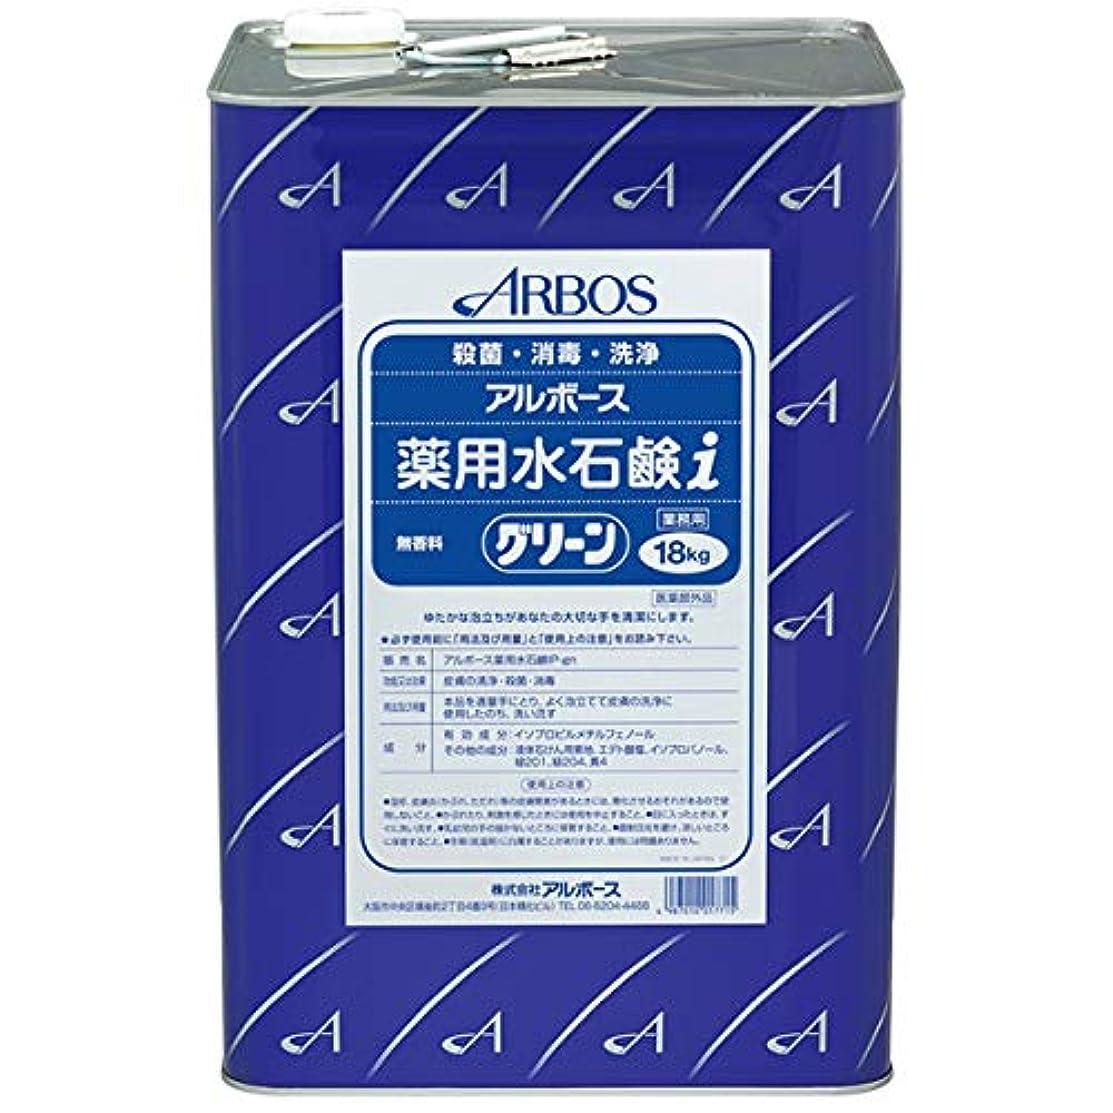 非行混乱させるブレス【清潔キレイ館】アルボース薬用水石鹸グリーンi(18L)